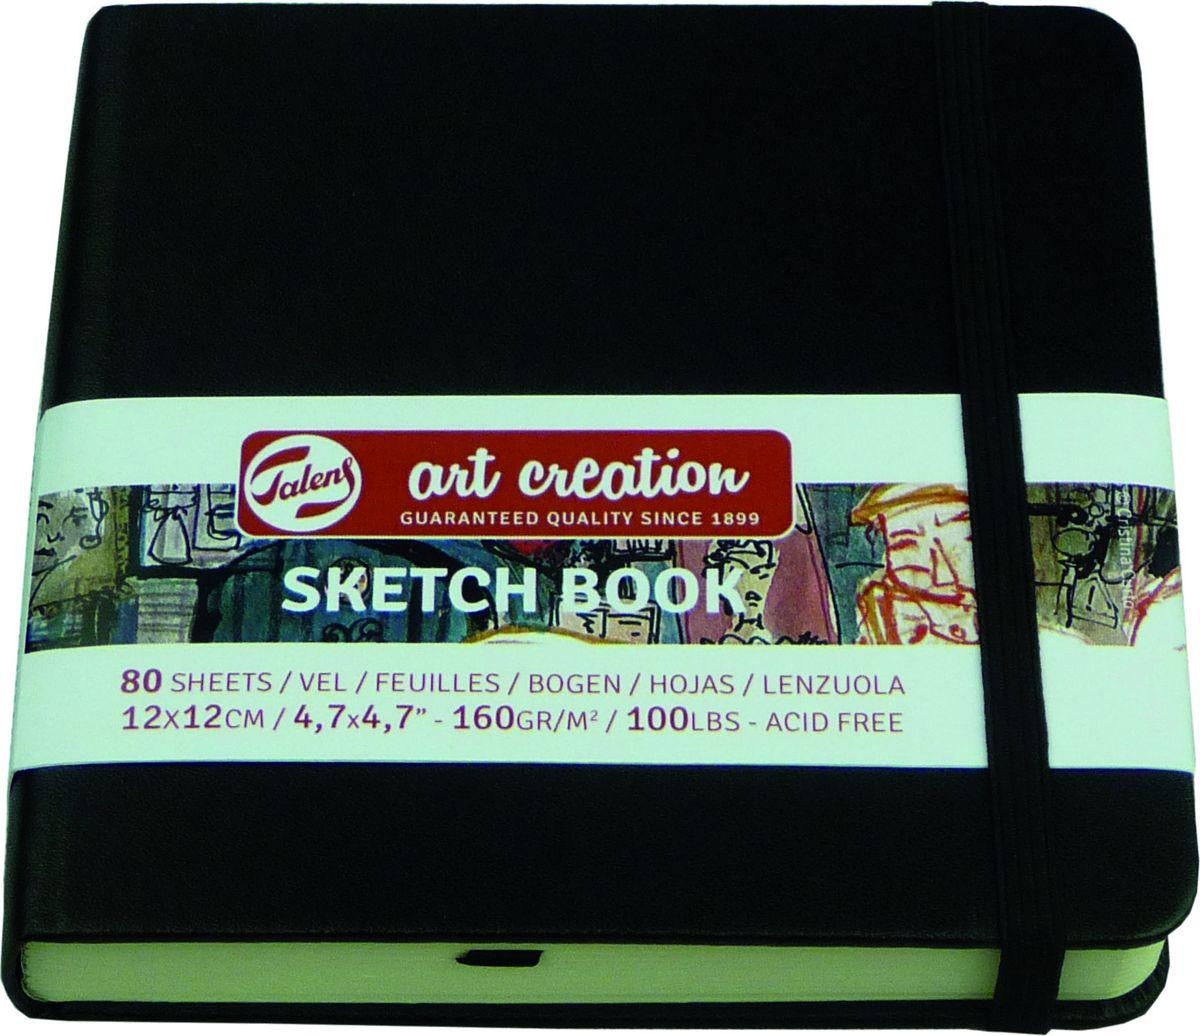 Блокнот для зарисовок Royal Talens Art Creation, цвет: черный, 80 листов, 9314004M9314004MБлокнот Art Creation идеально подойдет для графических зарисовок карандашом, пастелью, углем, ручкой, а также для записей и заметок.Благодаря высококачественной бумаге, гелевые и масляные чернила не просачиваются, а твердая обложка защищает листы от смятия.